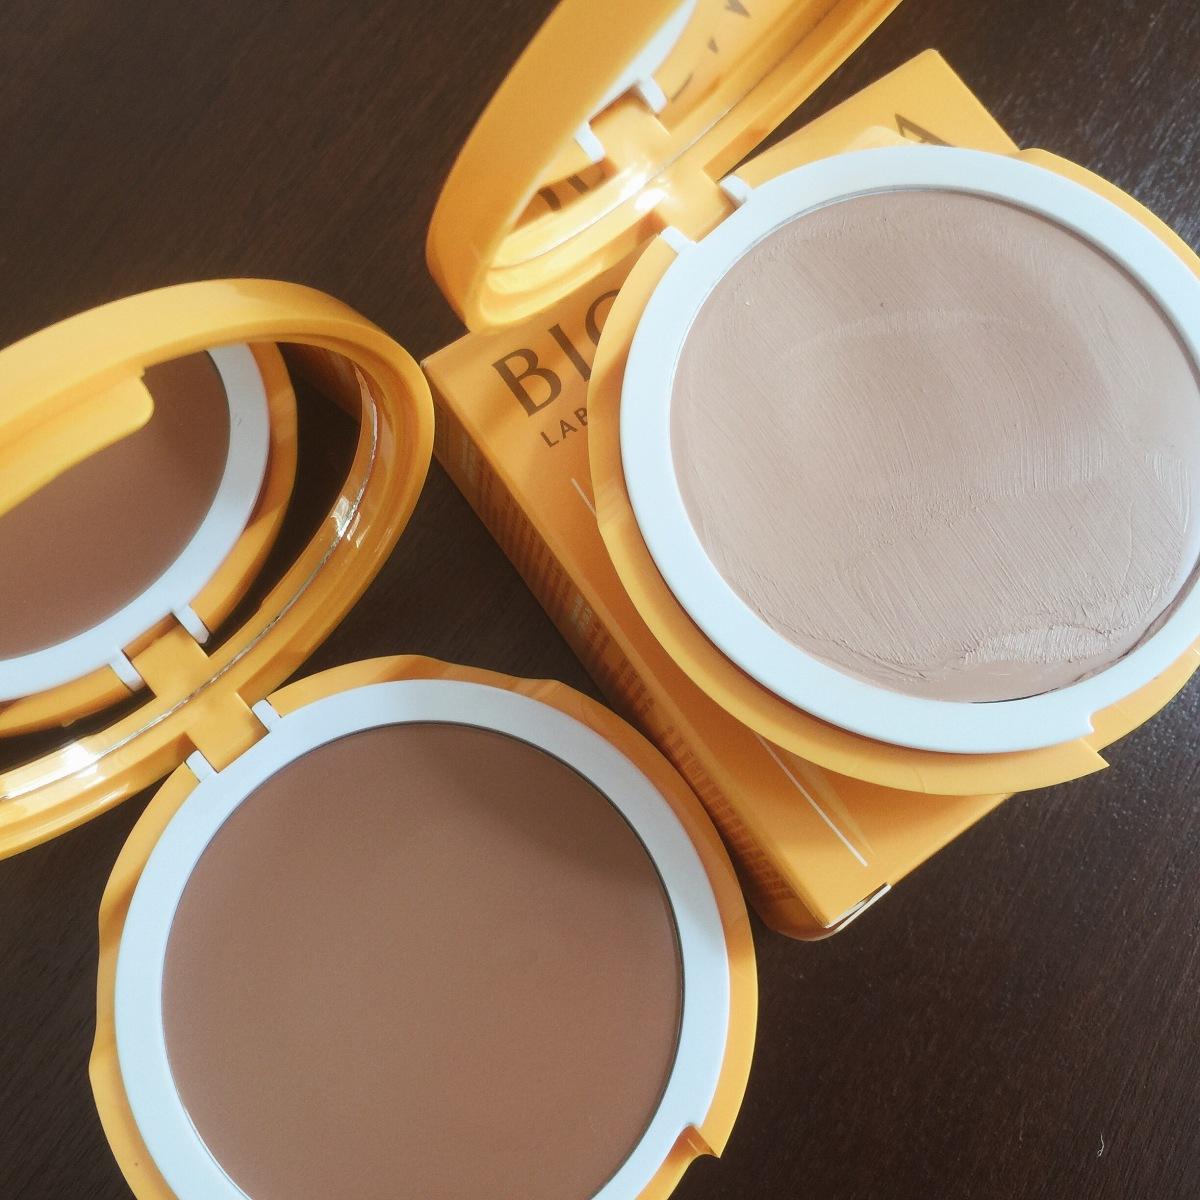 Lo nuevo de Bioderma: Photoderm MAX Compacto, protección solar y maquillaje